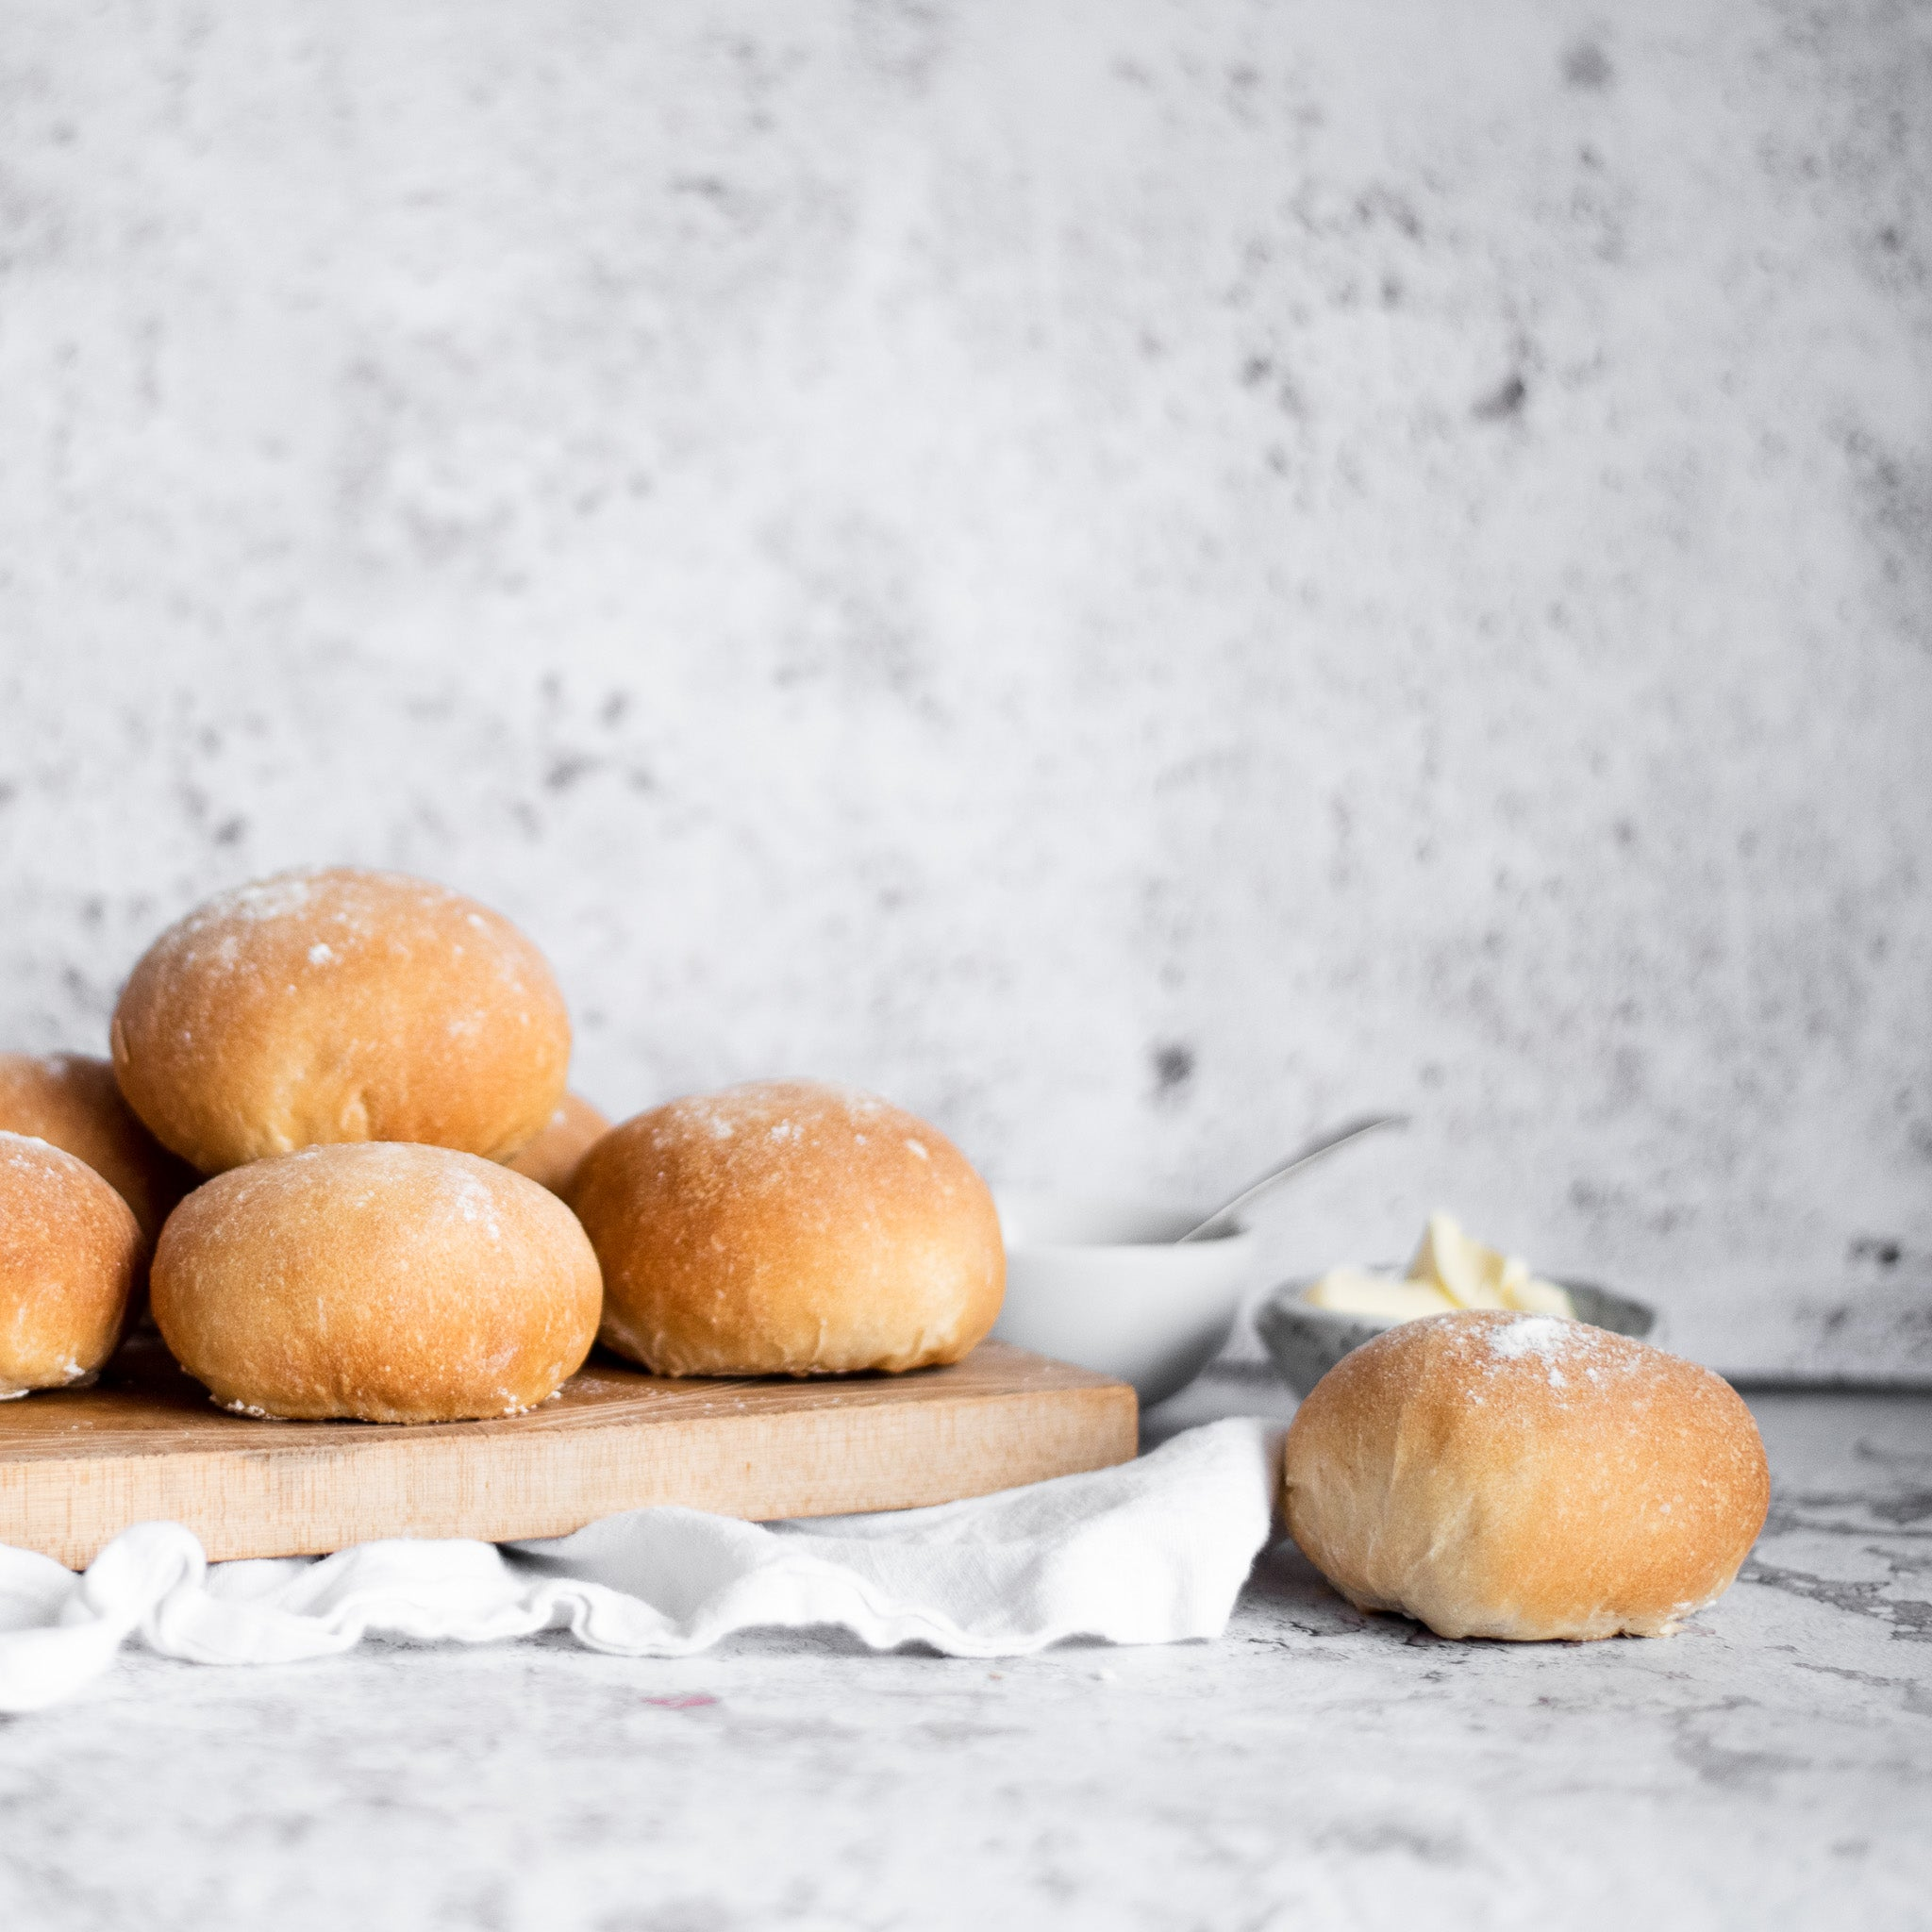 Allinsons-White-Rolls-11-Baking-Mad-4.jpg